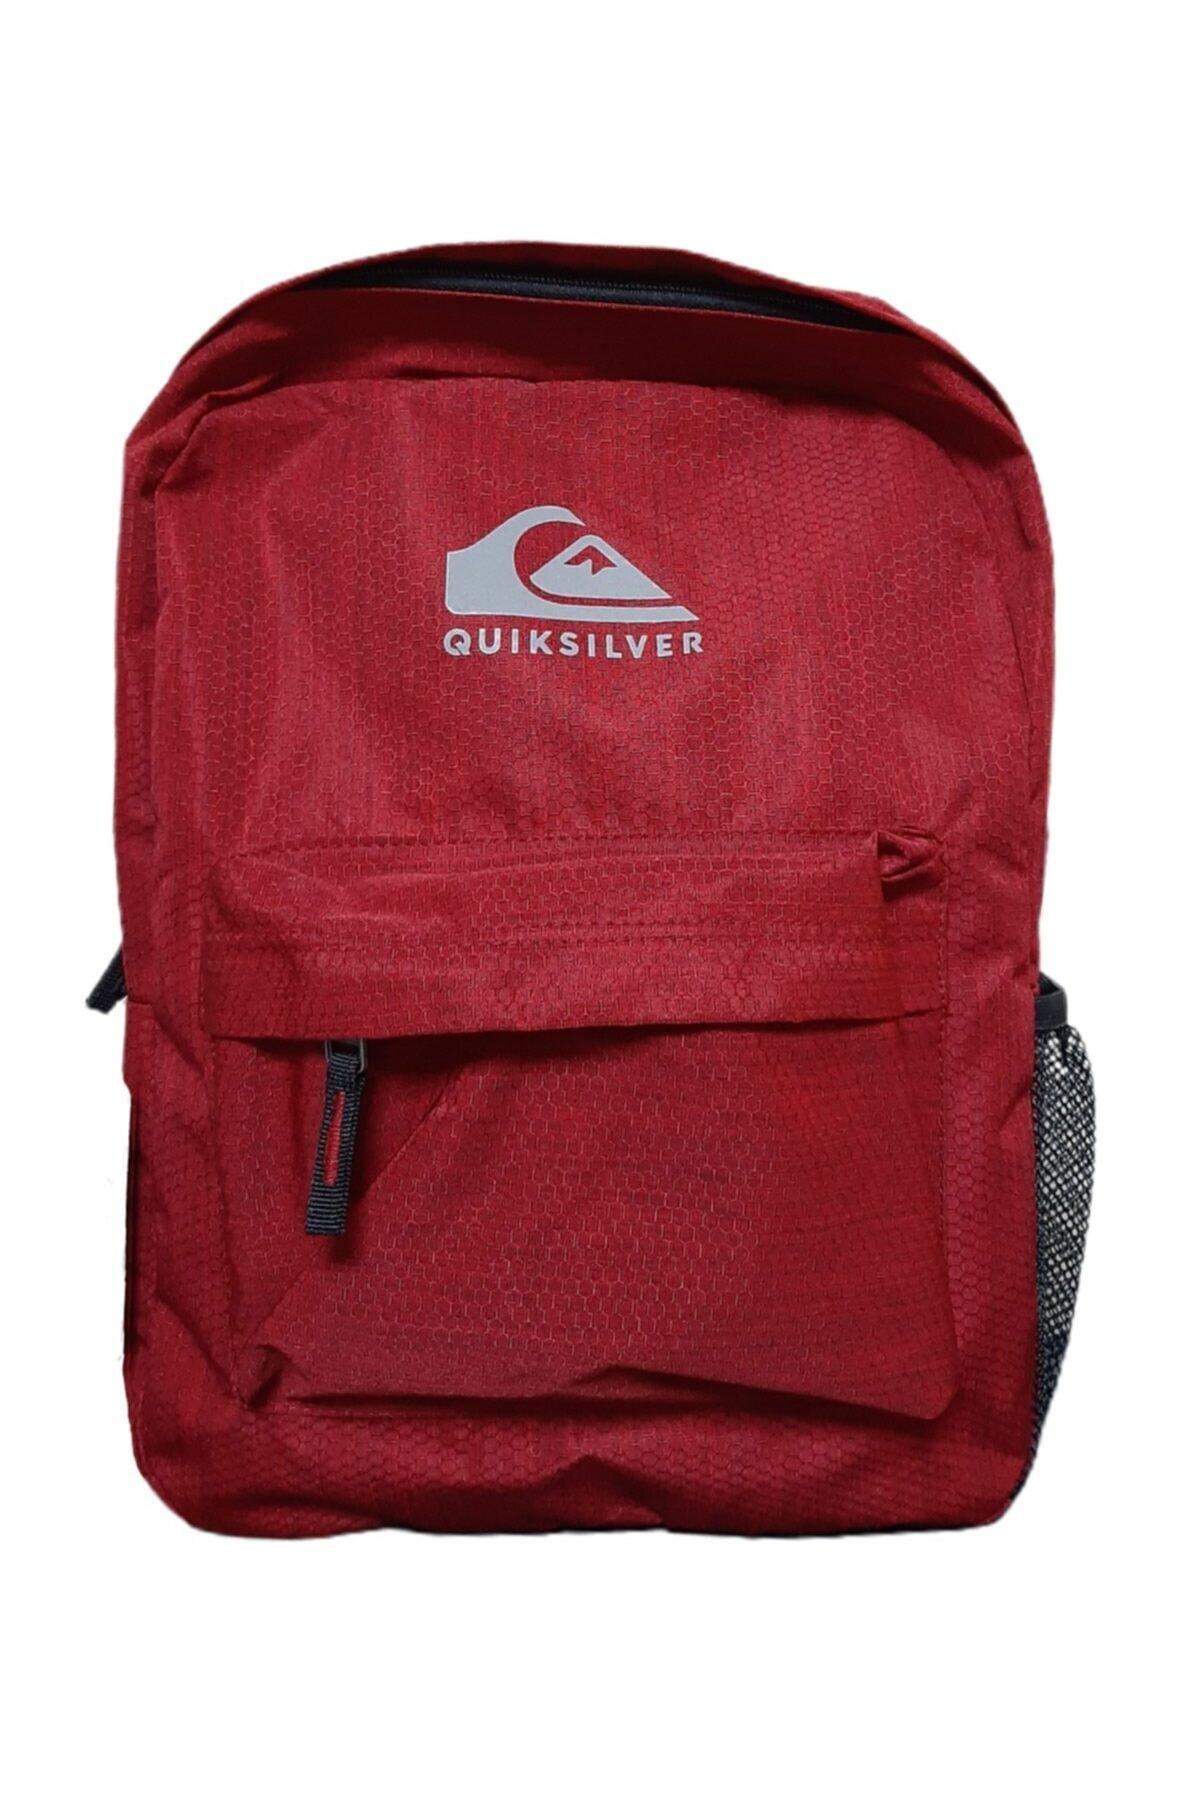 Quiksilver Back2school Backpack Spor Ekipmanı Sırt Çantası 1